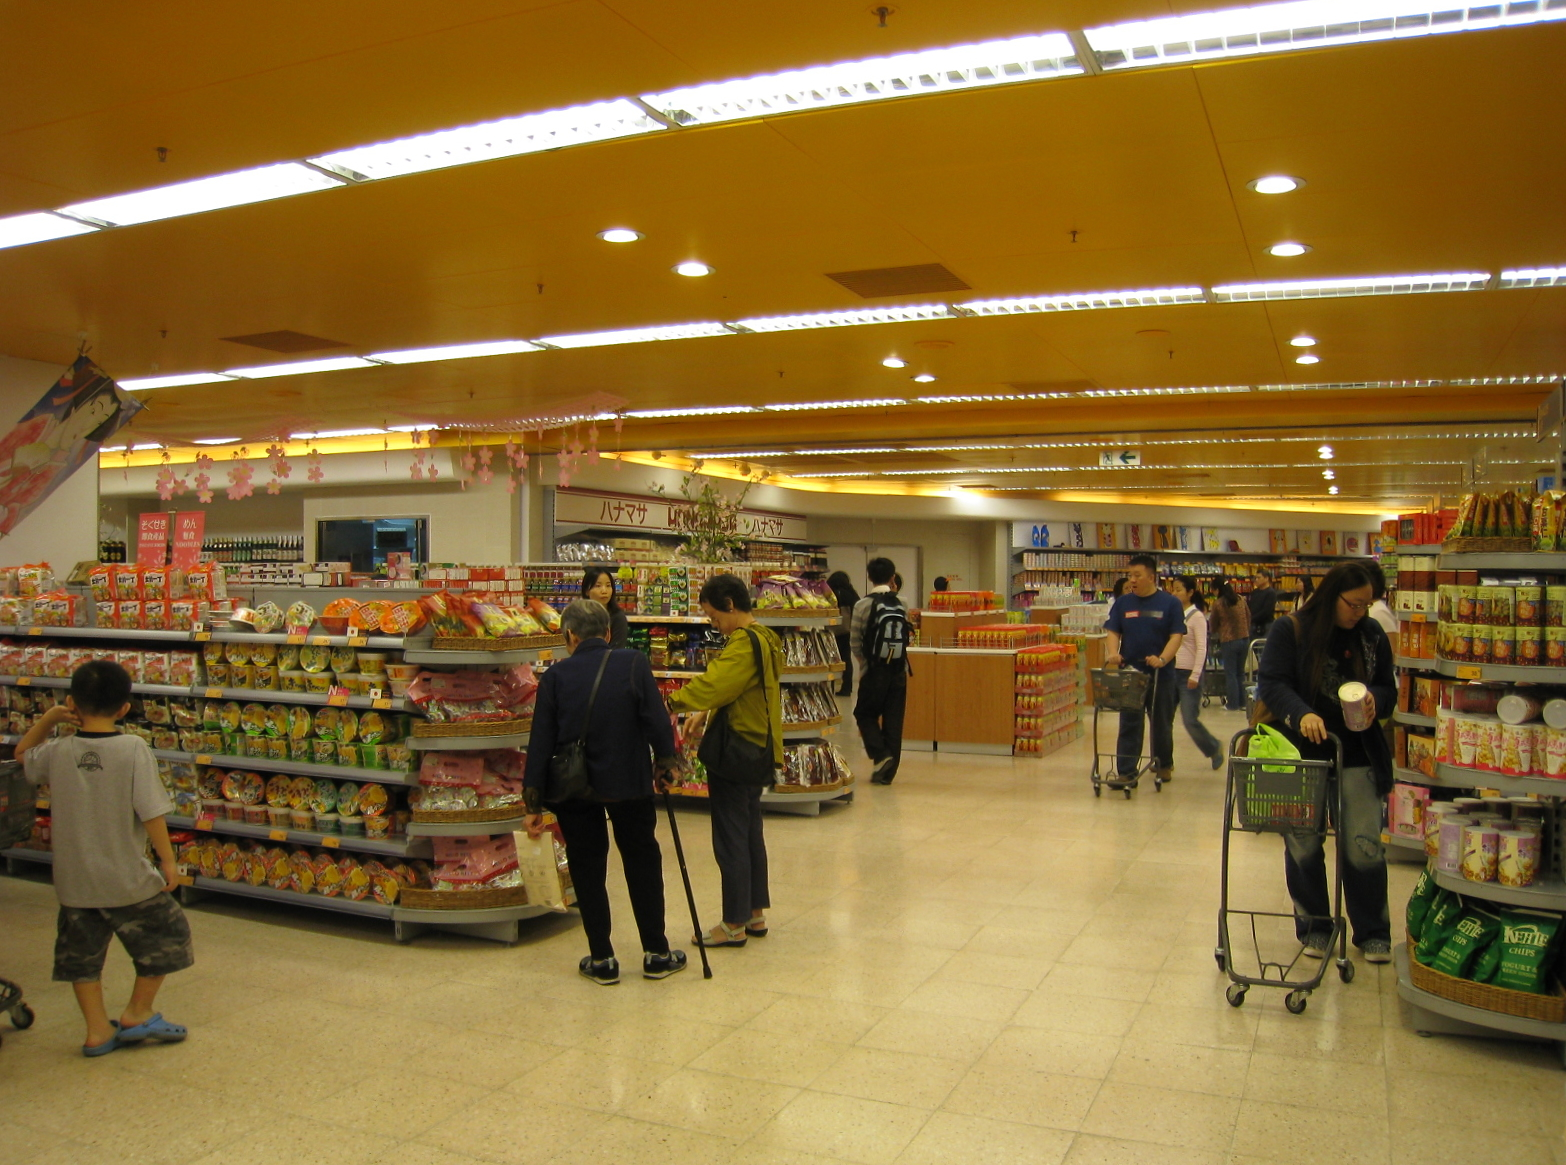 TASTE超級市場 | [組圖+影片] 的最新詳盡資料** (必看!!) - www.go2tutor.com